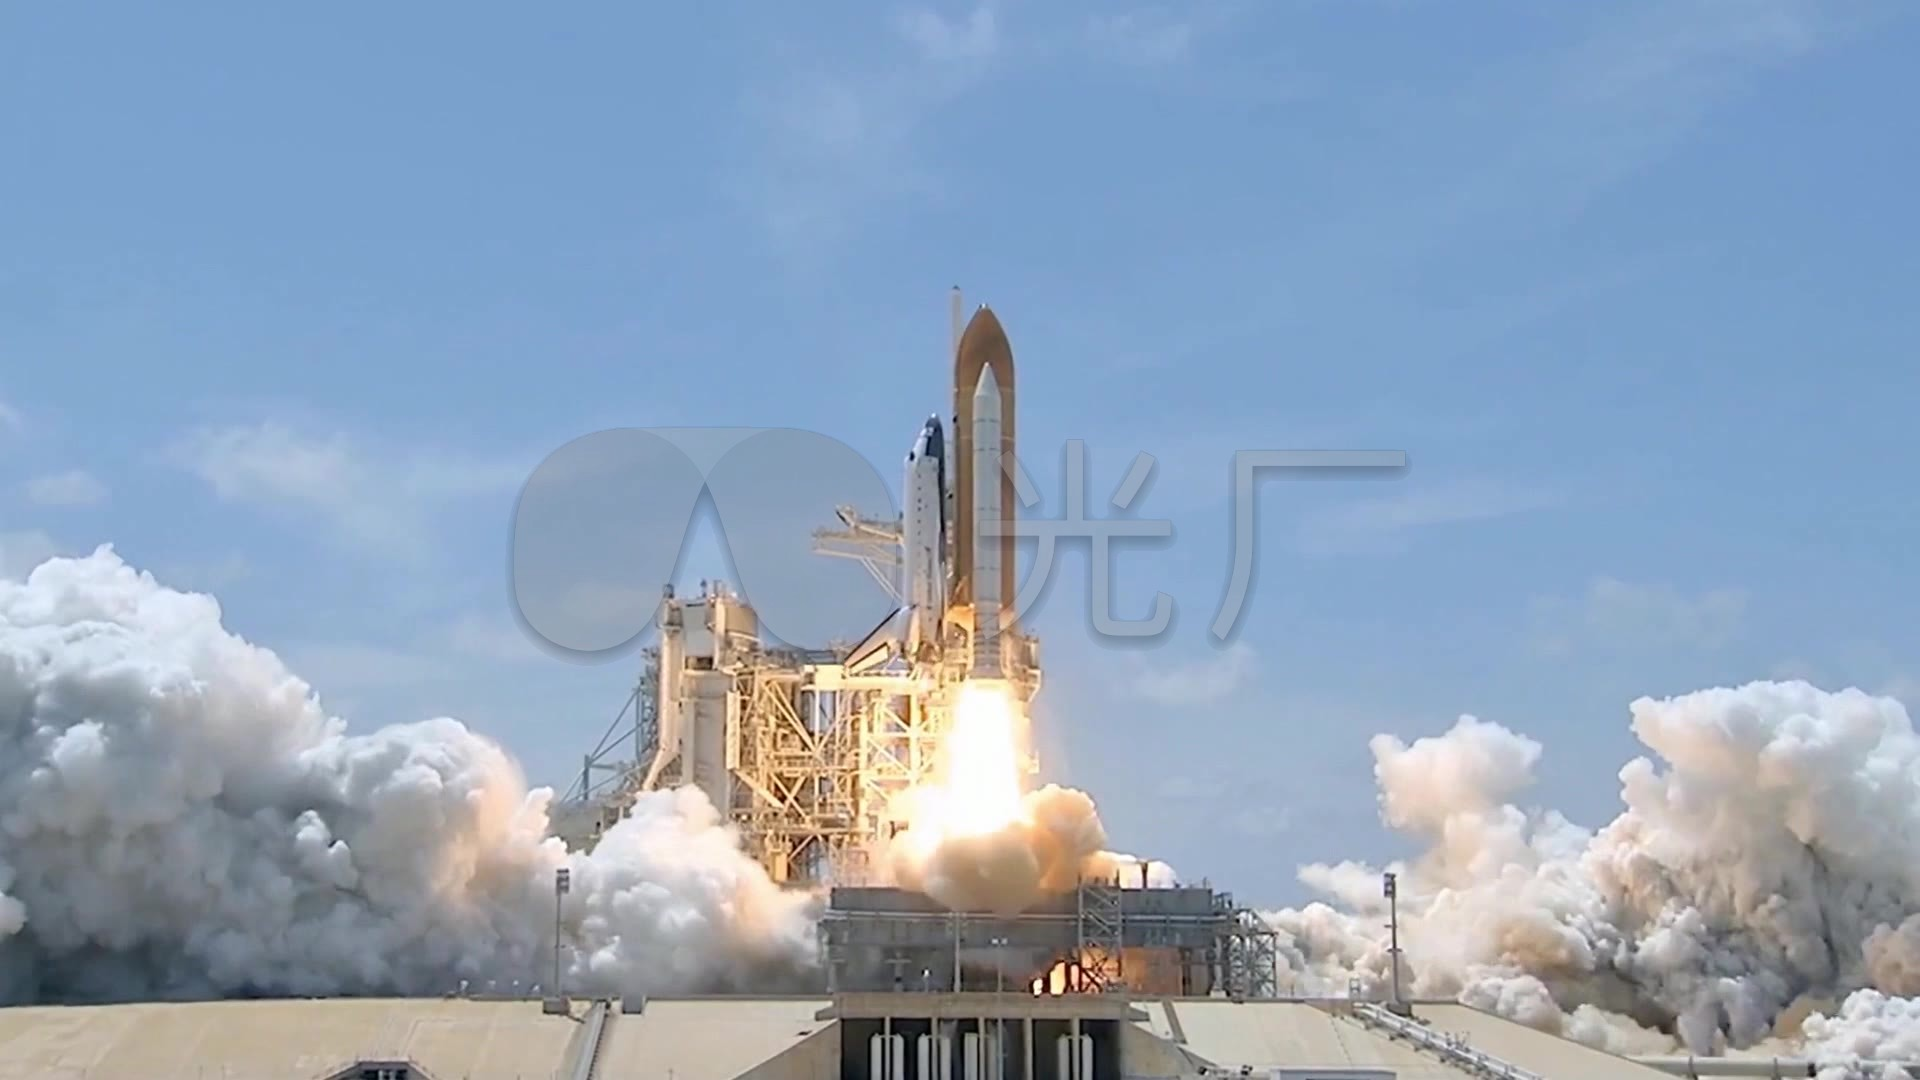 航天飞机_1920x1080_高清视频素材下载(编号:1342664)